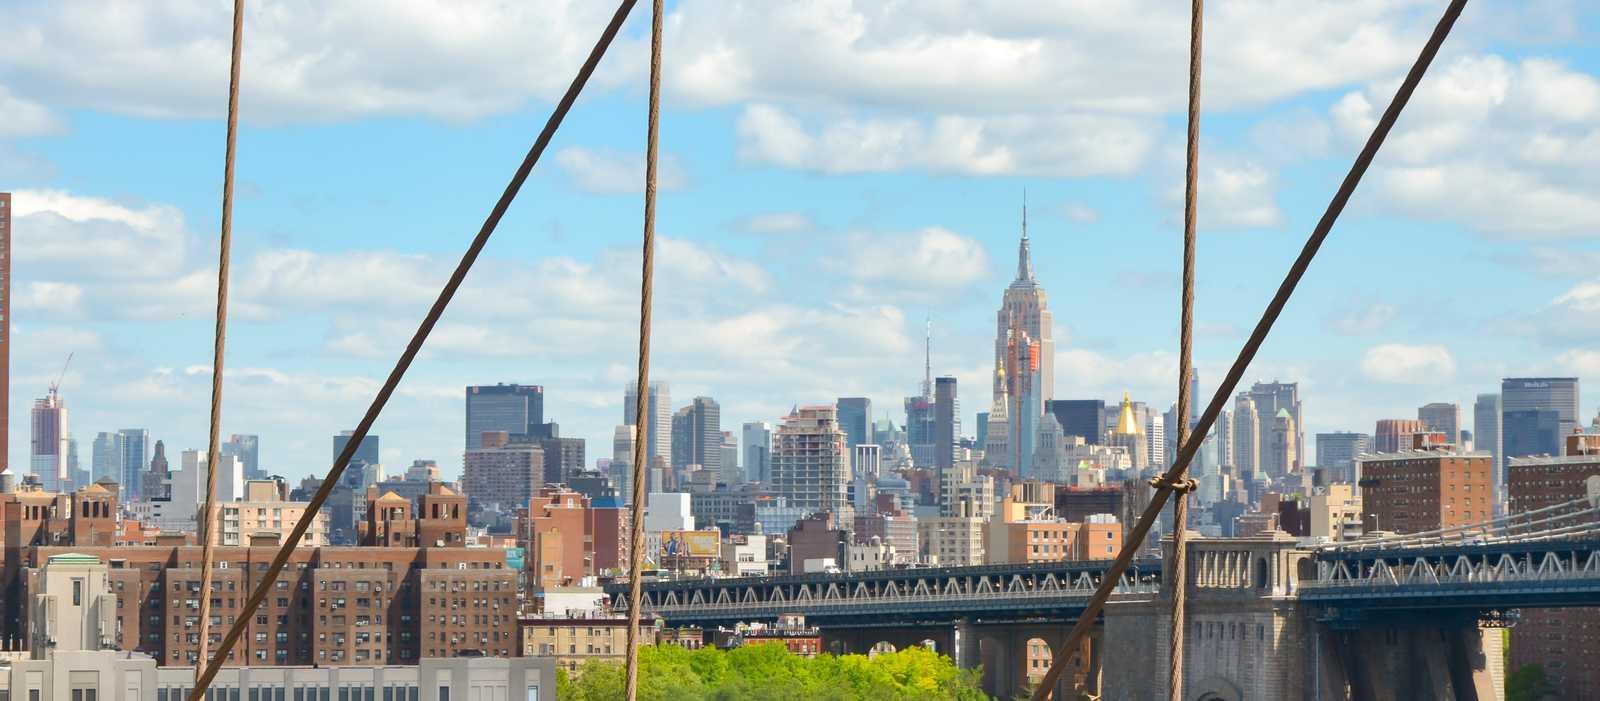 Die Ausssicht von der Brooklyn Bridge in New York City